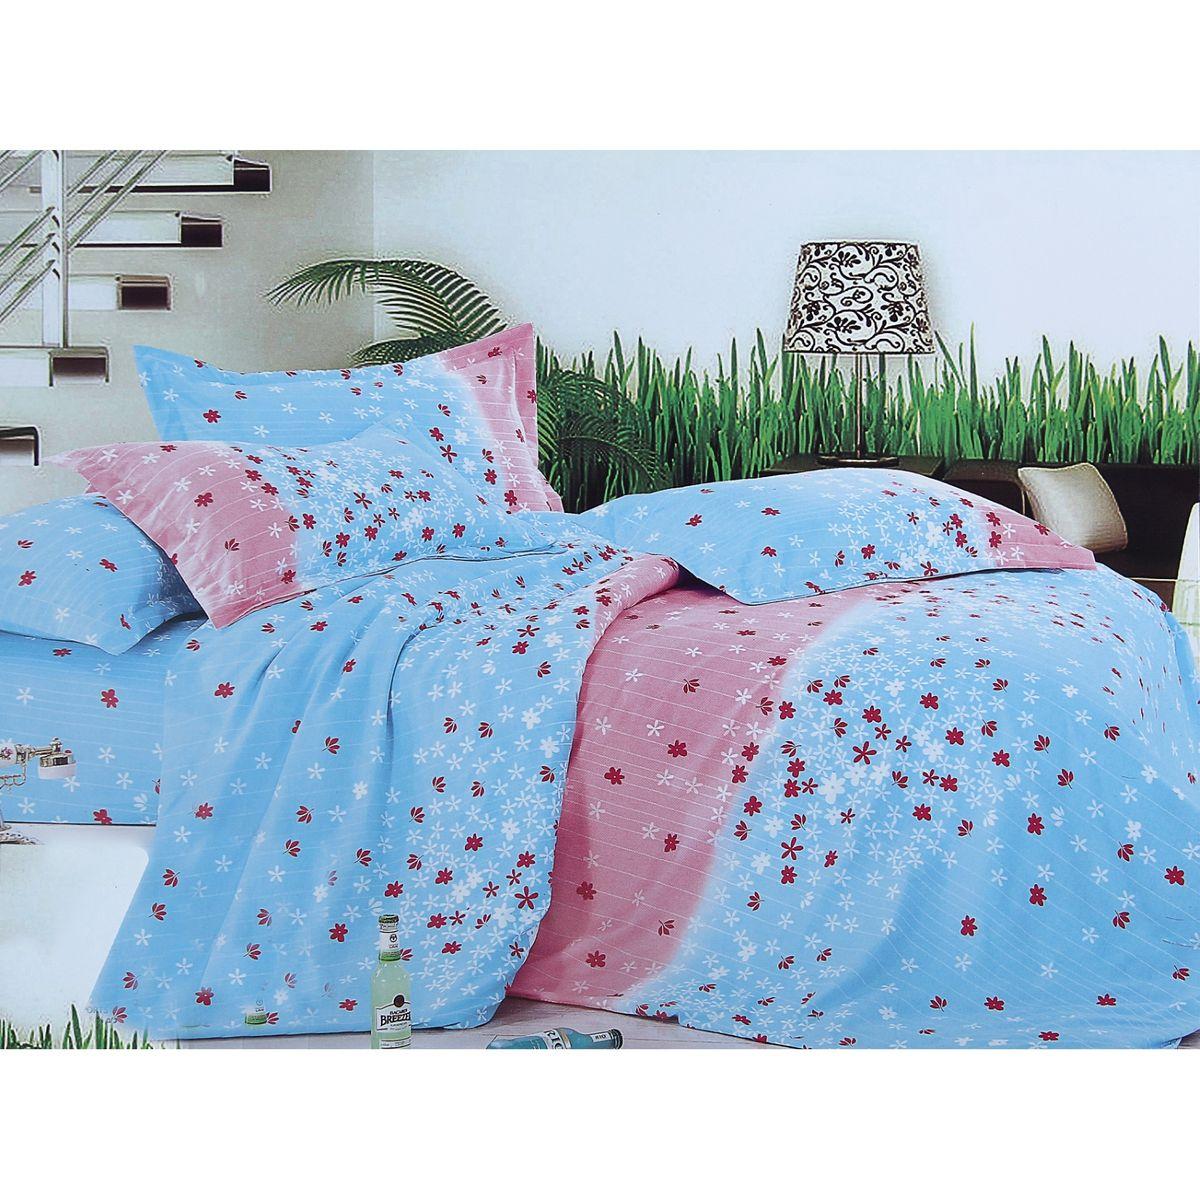 Комплект белья Этель Нежность, семейный, наволочки 70x70, цвет: голубой, розовыйDAVC150Комплект постельного белья Этель Нежность состоит из двух пододеяльников на молнии, простыни и двух наволочек без ушек. Удивительной красоты цветочный рисунок сочетает в себе нежность и теплоту. Постельное белье Этель создано для романтичных натур, которые любят изысканный дизайн. Белье изготовлено из поликоттона, отвечающего всем необходимым нормативным стандартам. Поликоттон - это ткань из экологически чистых материалов (50% хлопка, 50% полиэстера). Неоспоримым плюсом белья из такой ткани является мягкость и легкость, оно прекрасно пропускает воздух, приятно на ощупь, не образует катышков на поверхности и за ним легко ухаживать. При соблюдении рекомендаций по уходу это белье выдерживает много стирок, не линяет и не теряет свою первоначальную прочность. Уникальная ткань обеспечивает легкую глажку.Приобретая комплект постельного белья Этель Нежность, вы можете быть уверены в том, что покупка доставит вам и вашим близким удовольствие и подарит максимальный комфорт.